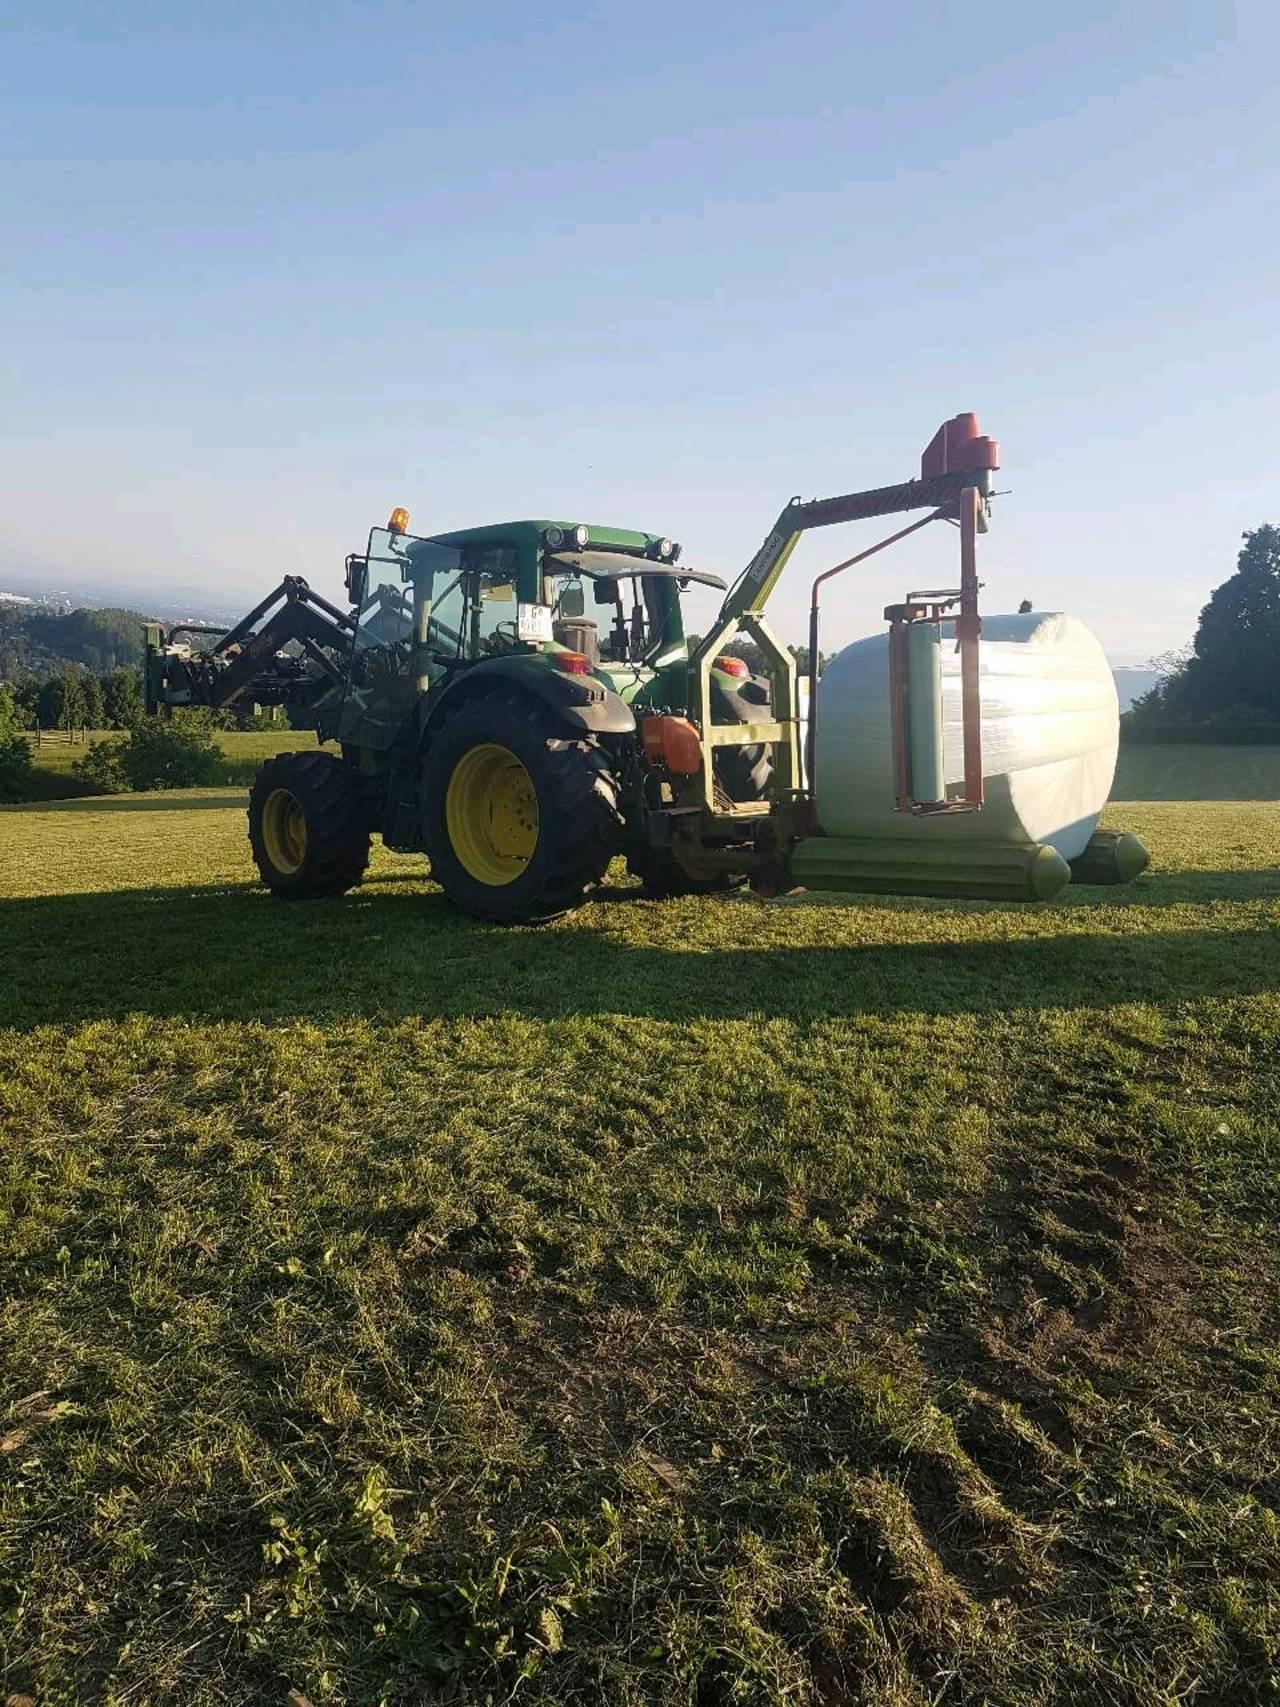 Ganz und zu Extrem Lohnarbeit aus Steiermark #JV_99